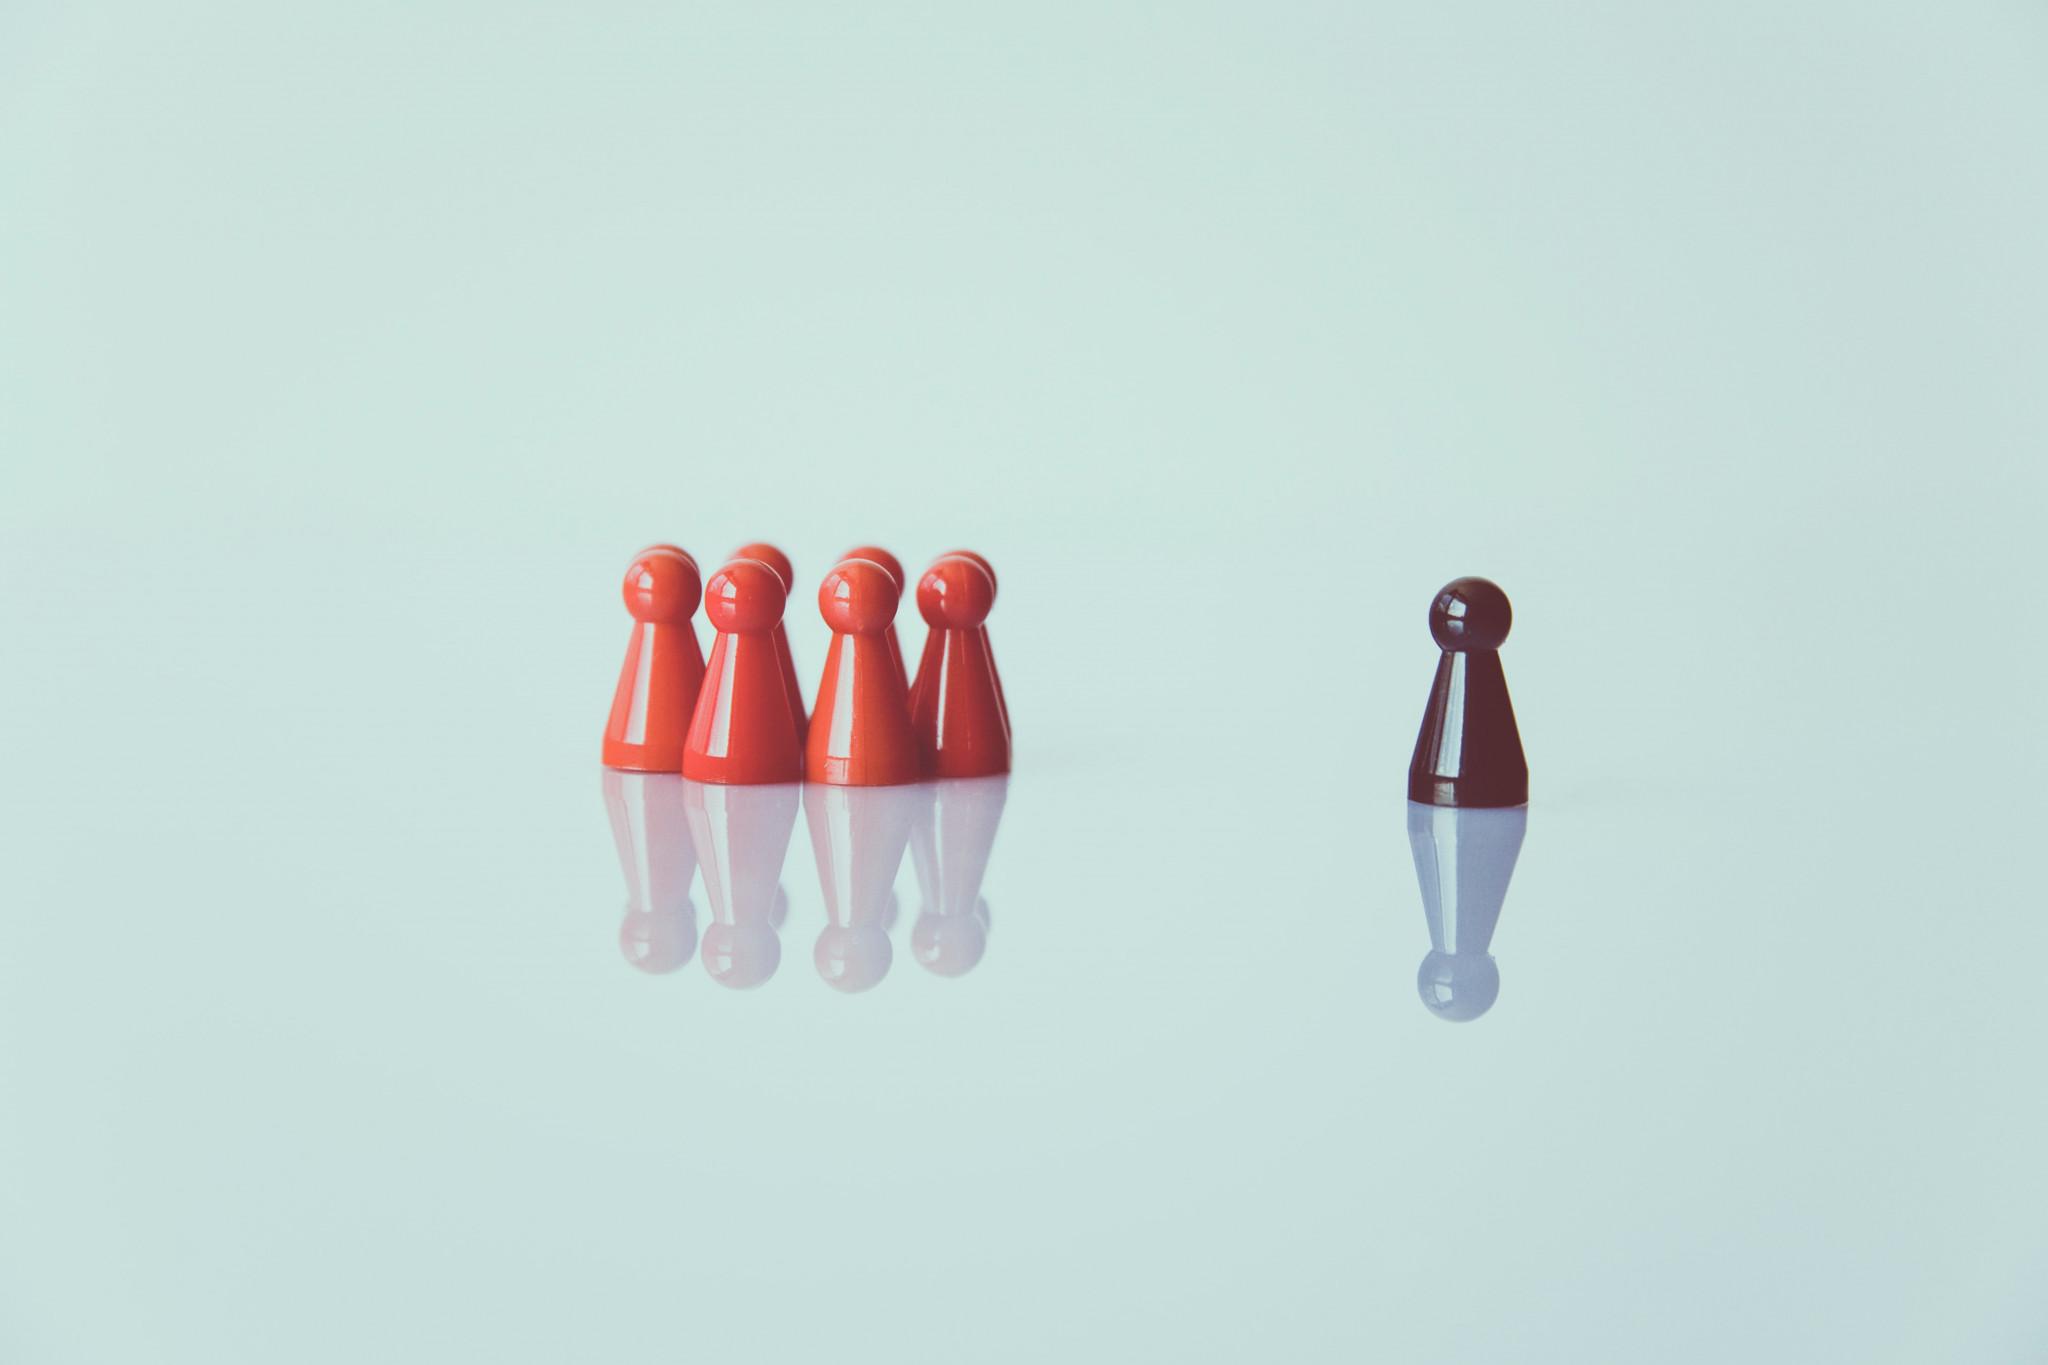 Röda sällskapsspels figurer i klunga med en ensam mörk spelbjäs.